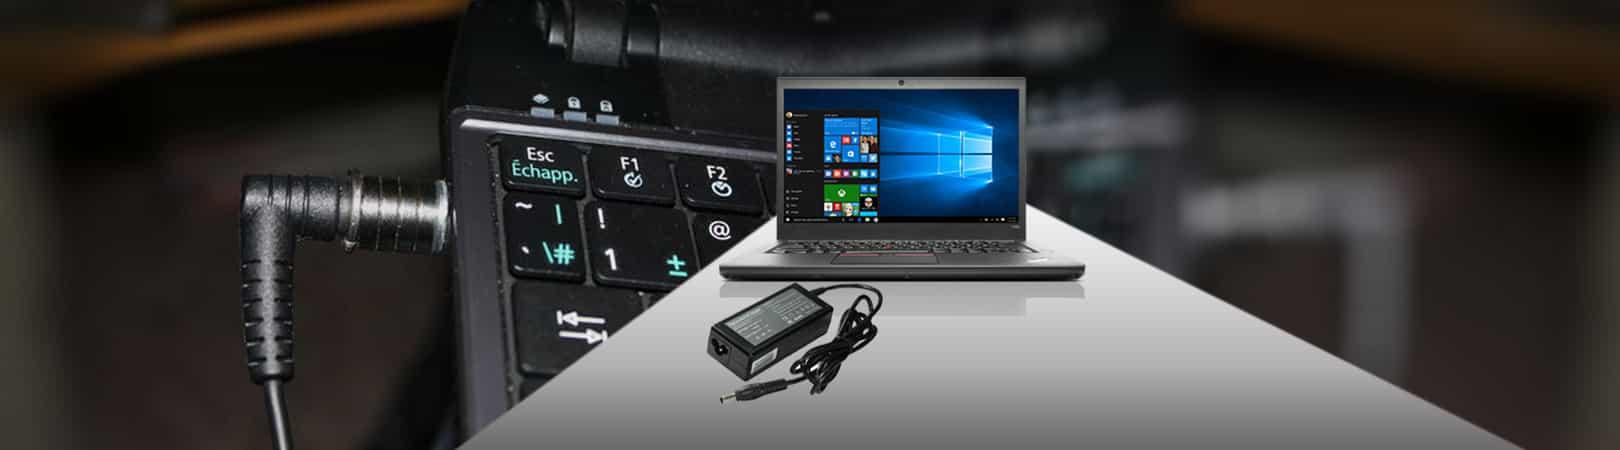 banner image - Samsung Laptop Adapter Repair